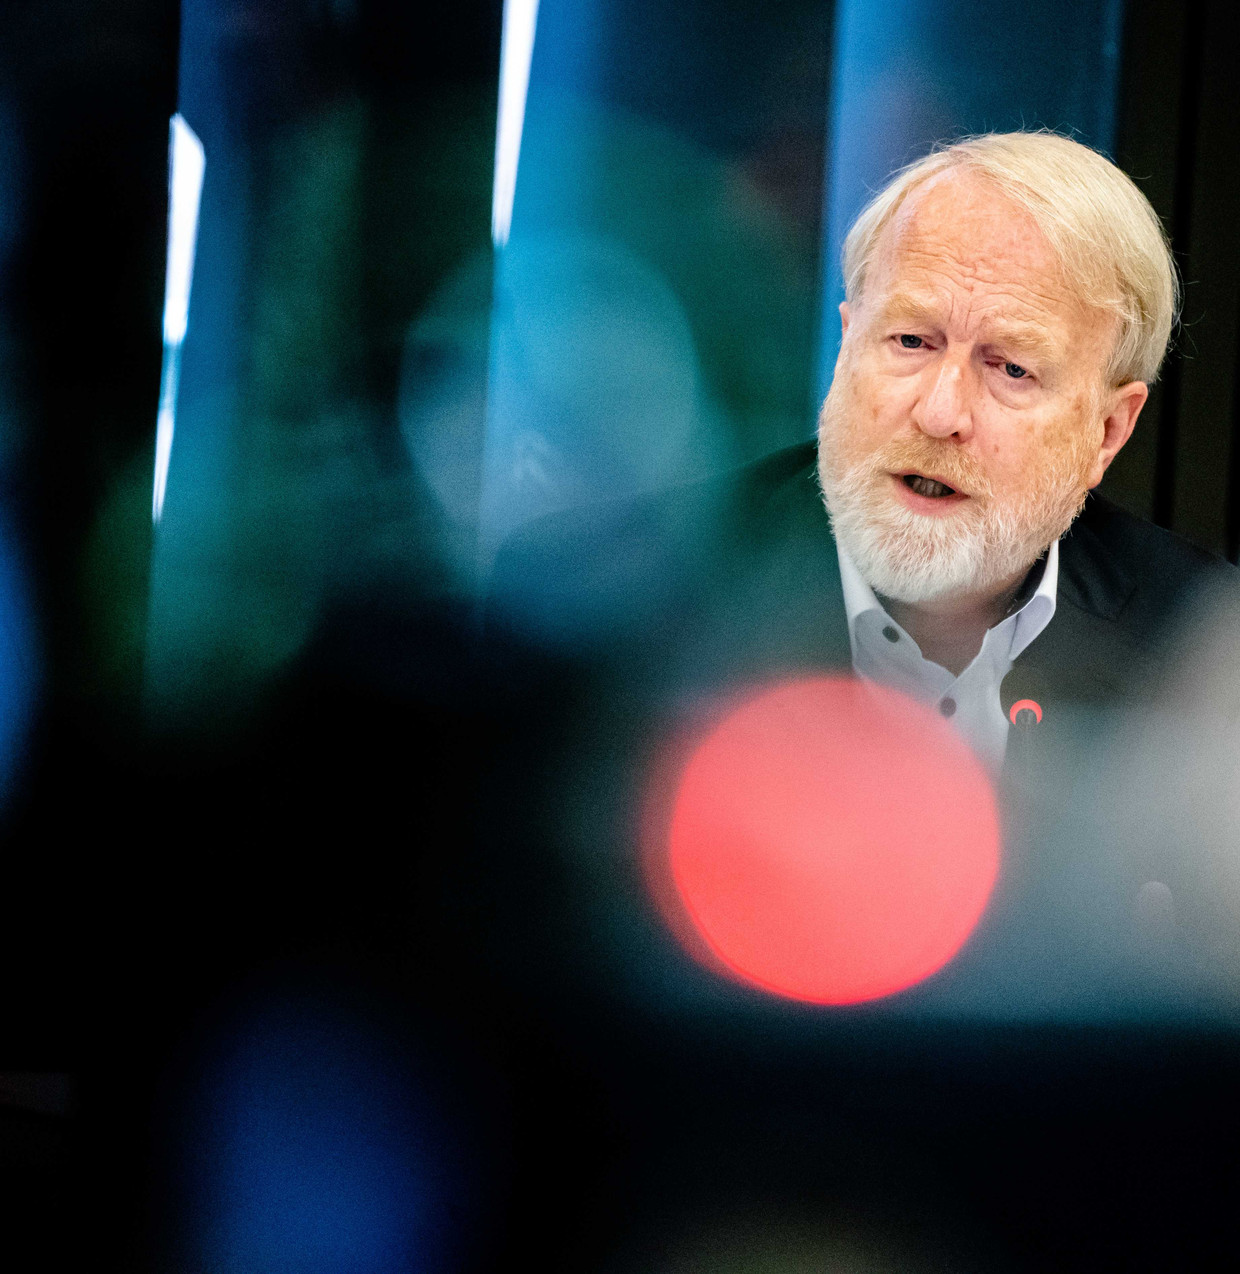 Jaap van Dissel: 'Om al op voorhand te concluderen dat zo'n app in Nederland geen kans van slagen heeft, gaat me te ver.' Beeld null